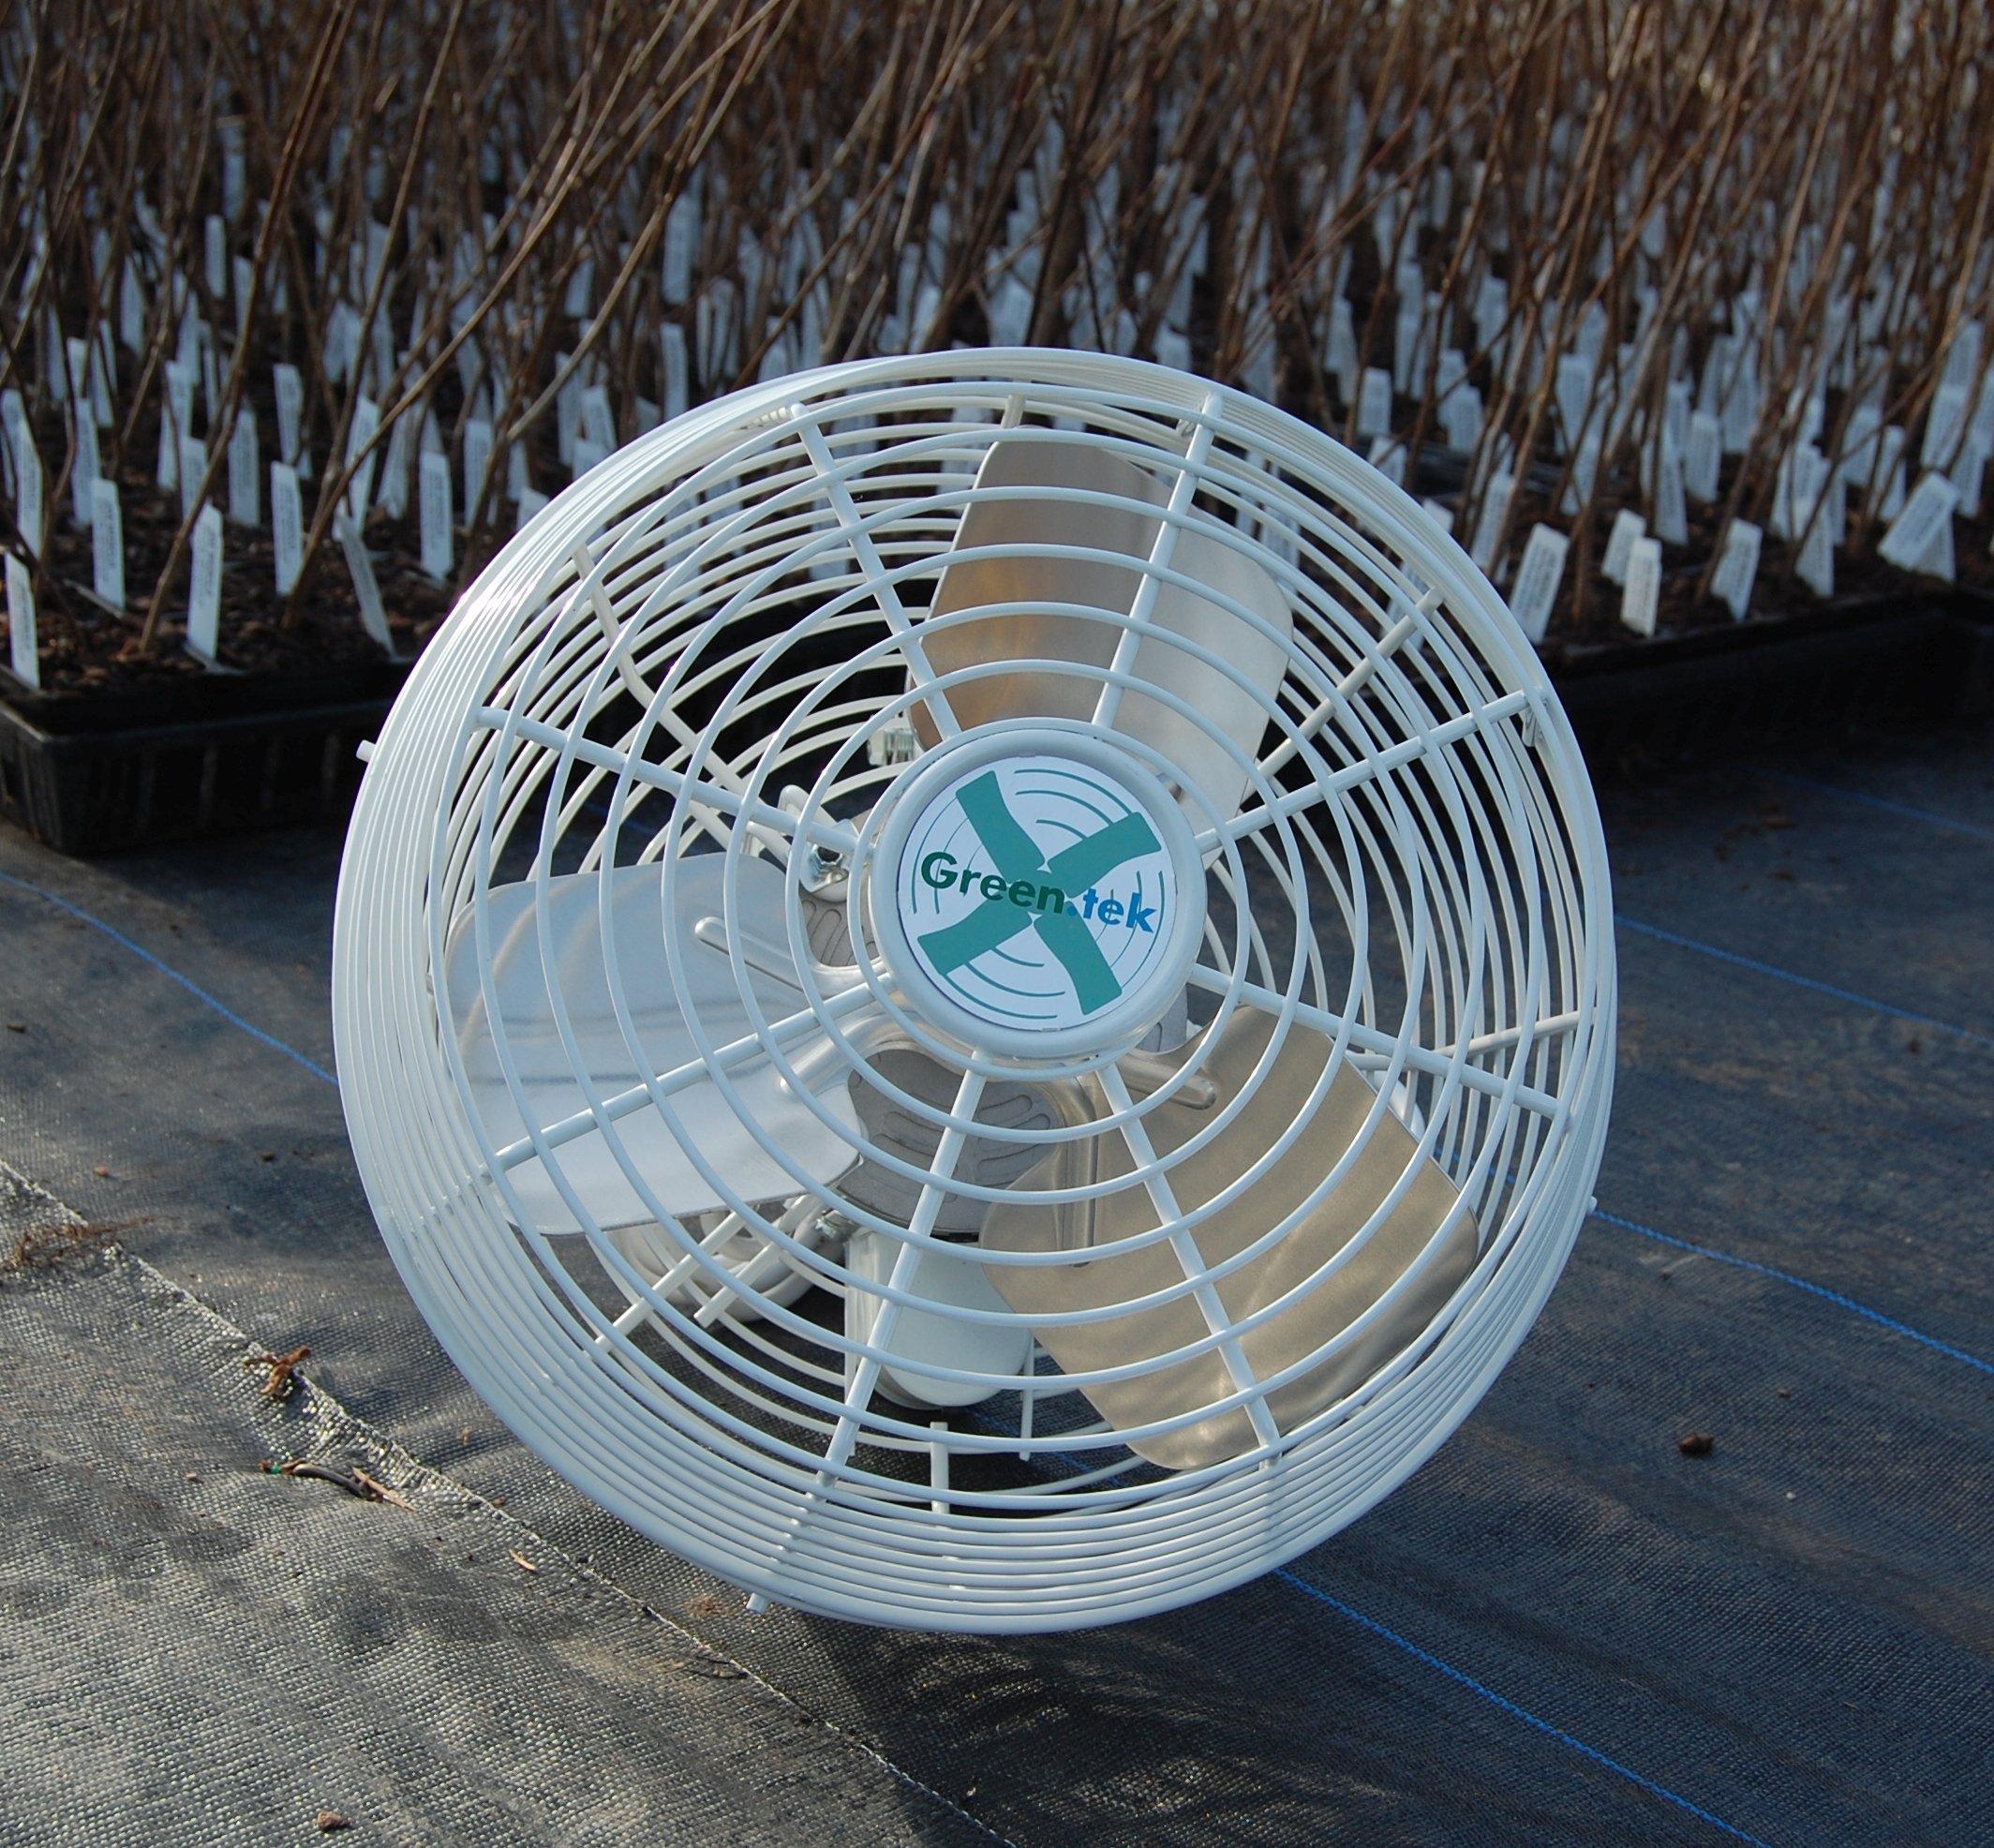 Basket Fan Greenhouse 12'' Flow Fan High Velocity - 1 by Growers Solution by Green Tek